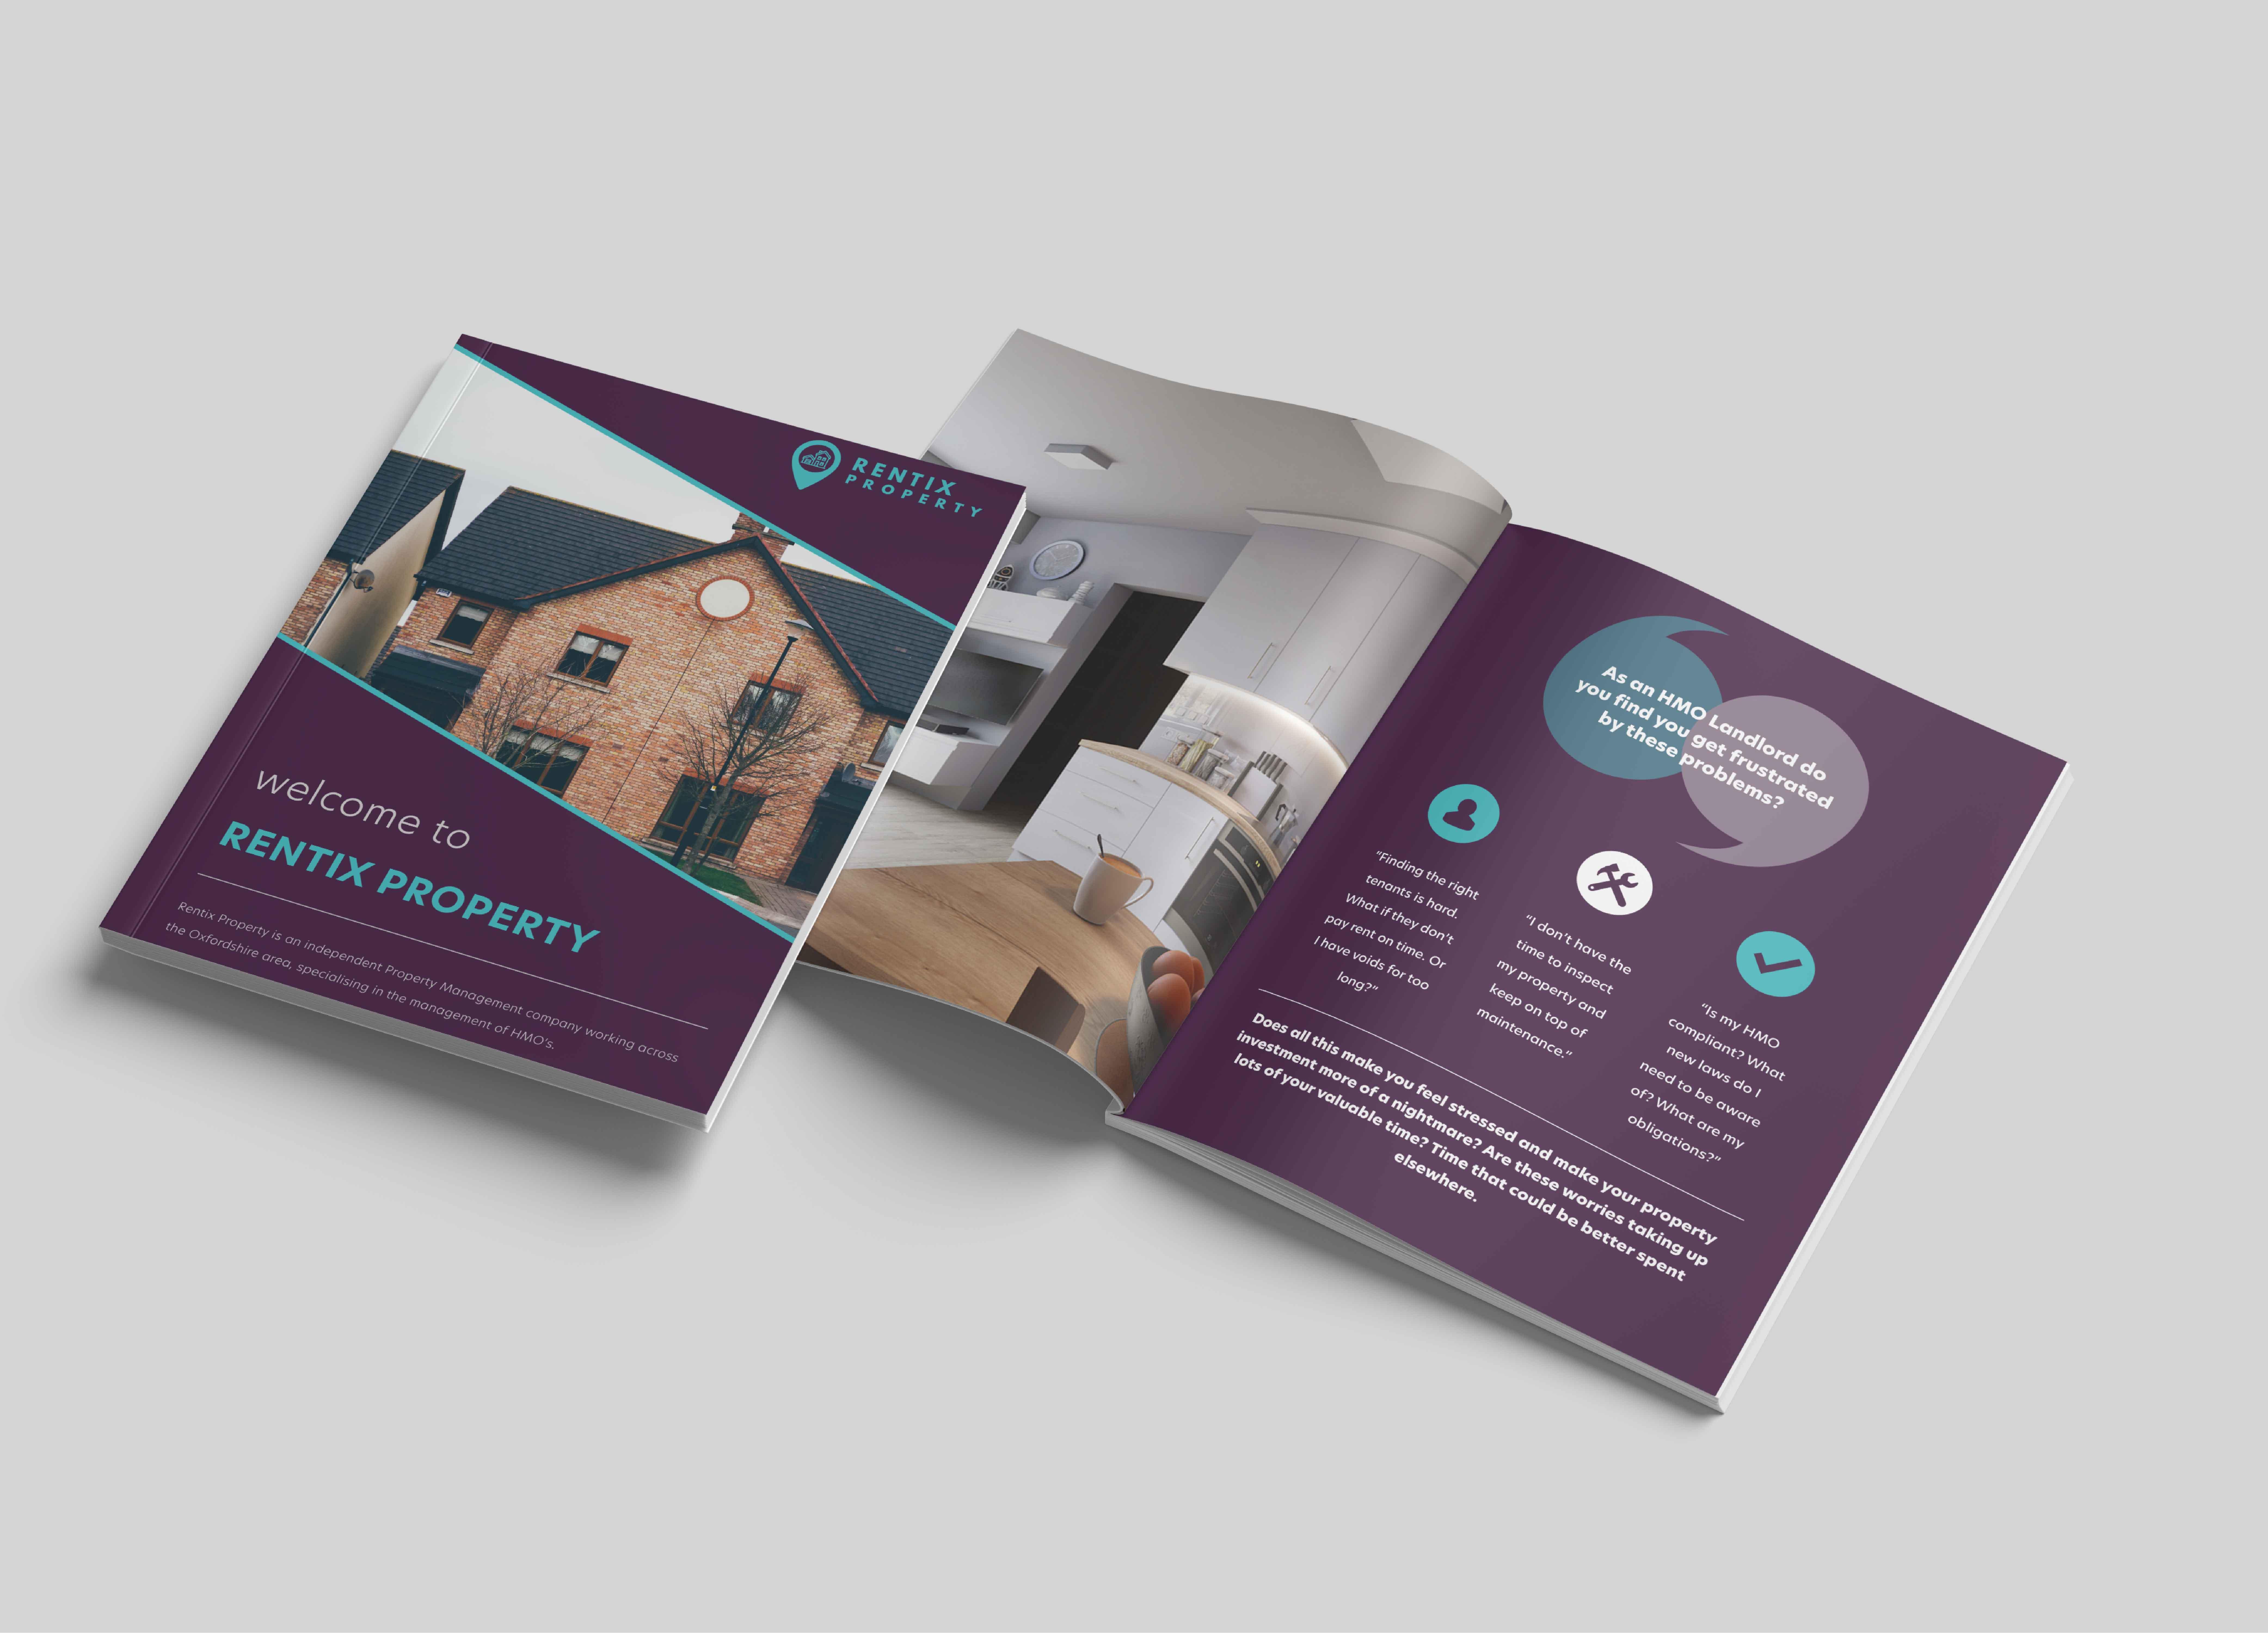 Rentix Property A4 Portrait Brochure